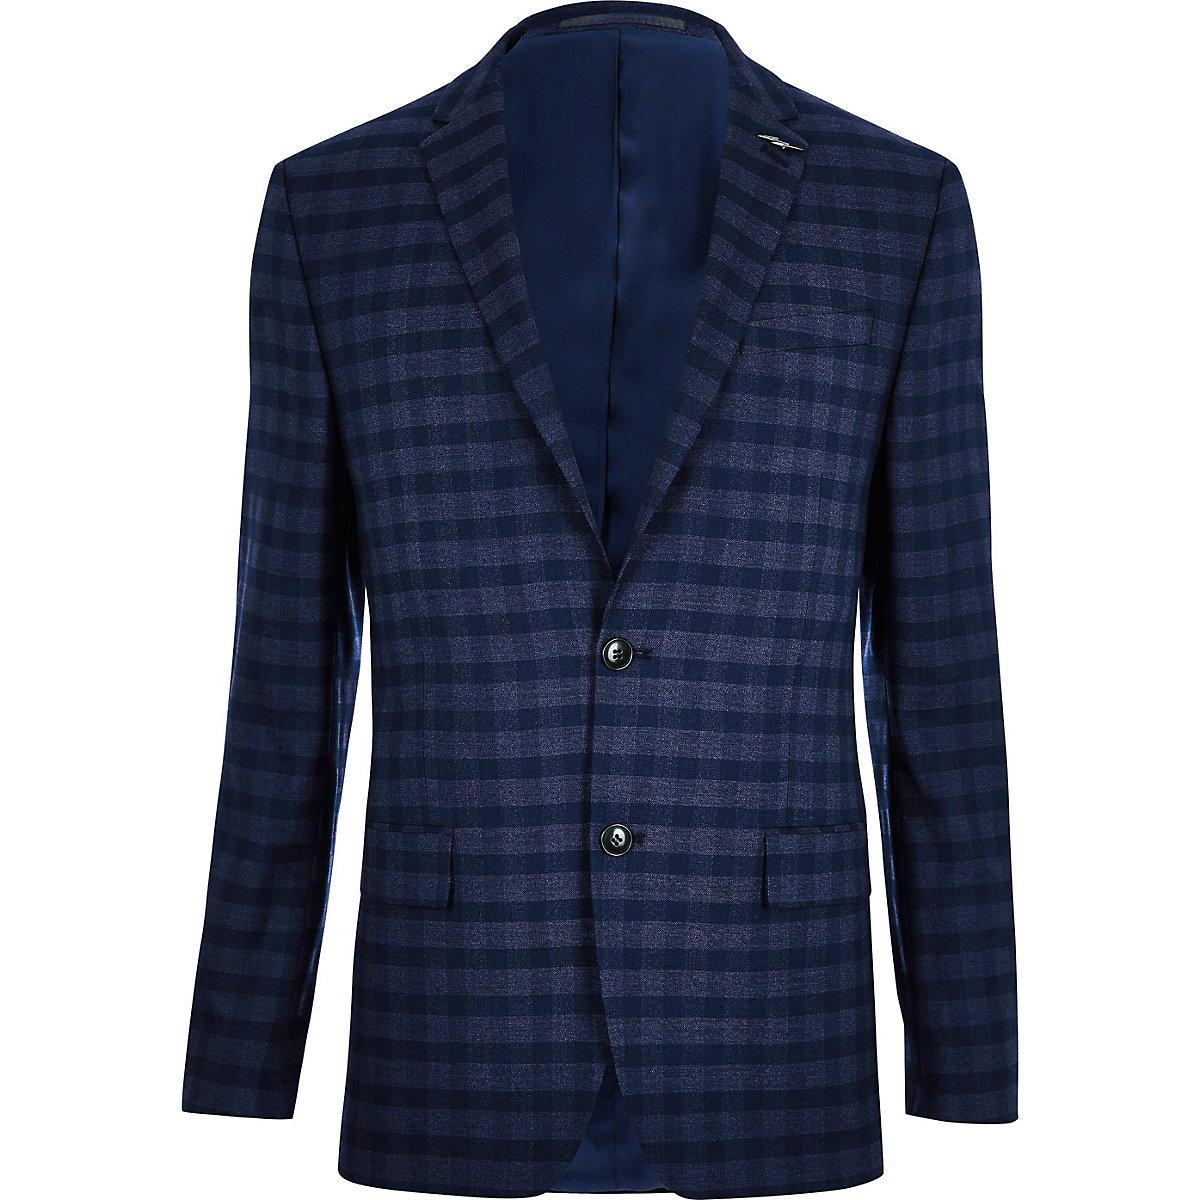 Blue check slim fit suit jacket - Suits - Sale